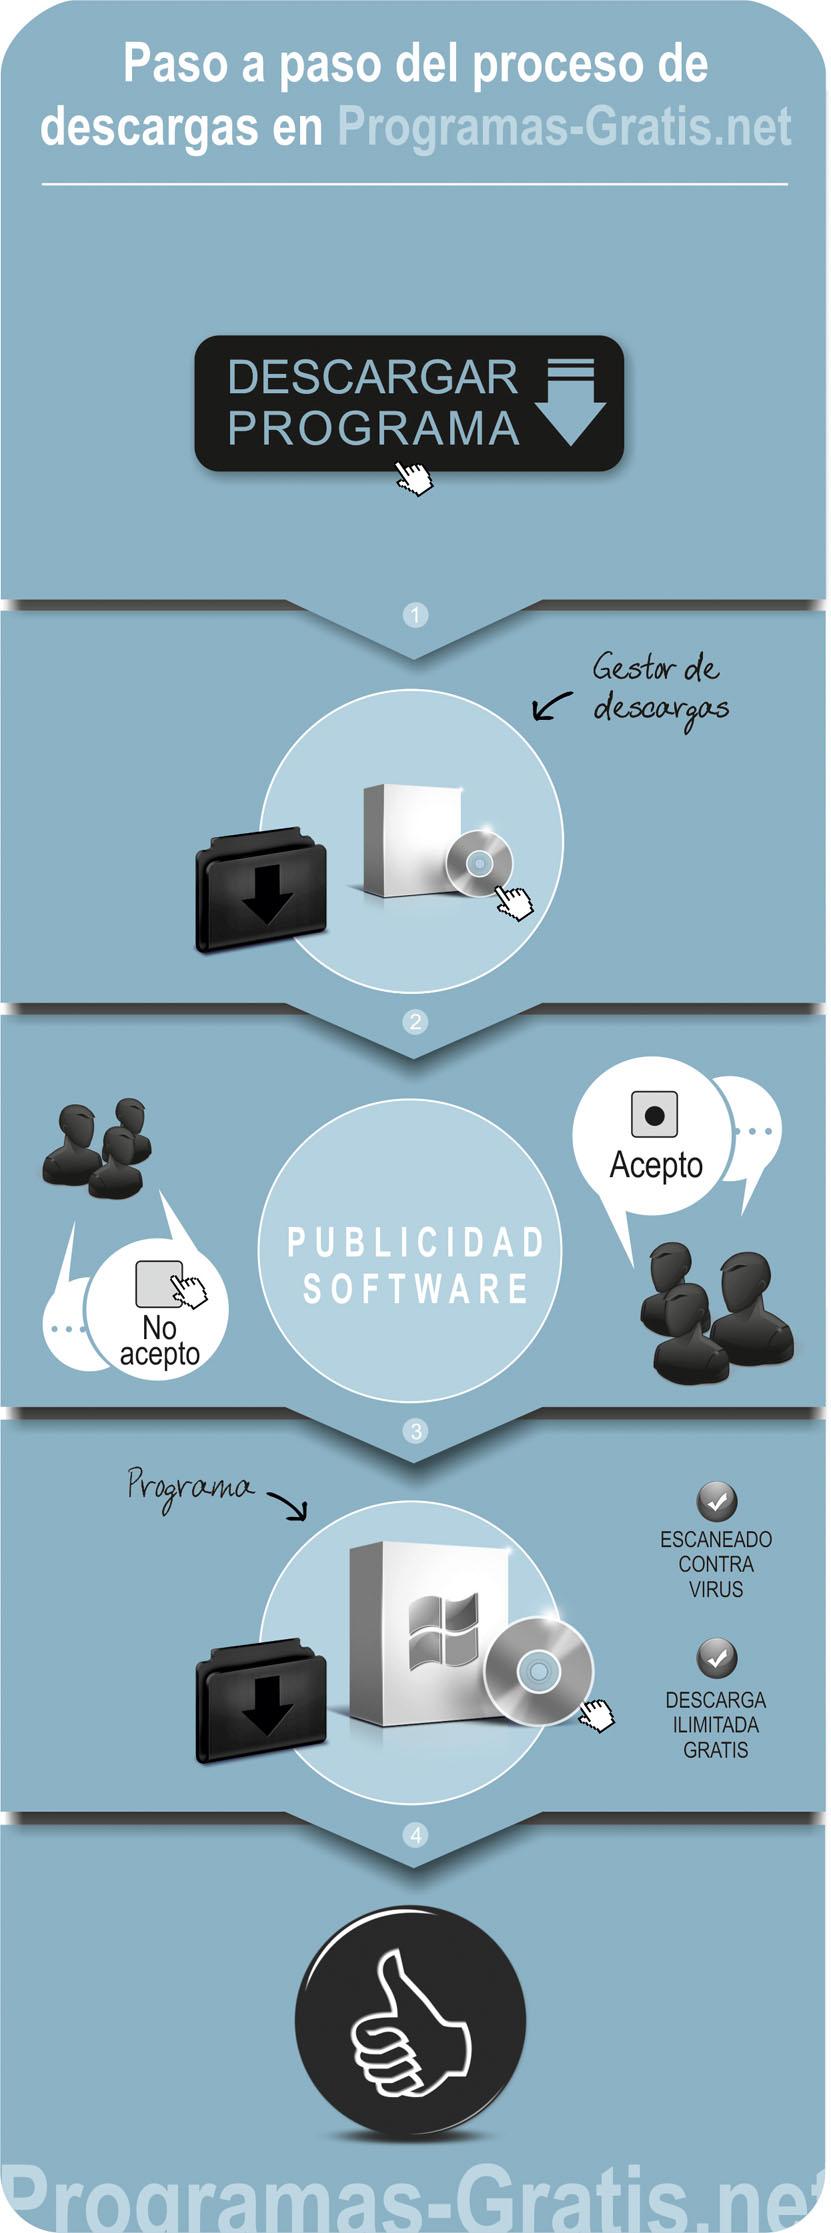 Infografia descargas Programas-Gratis.net